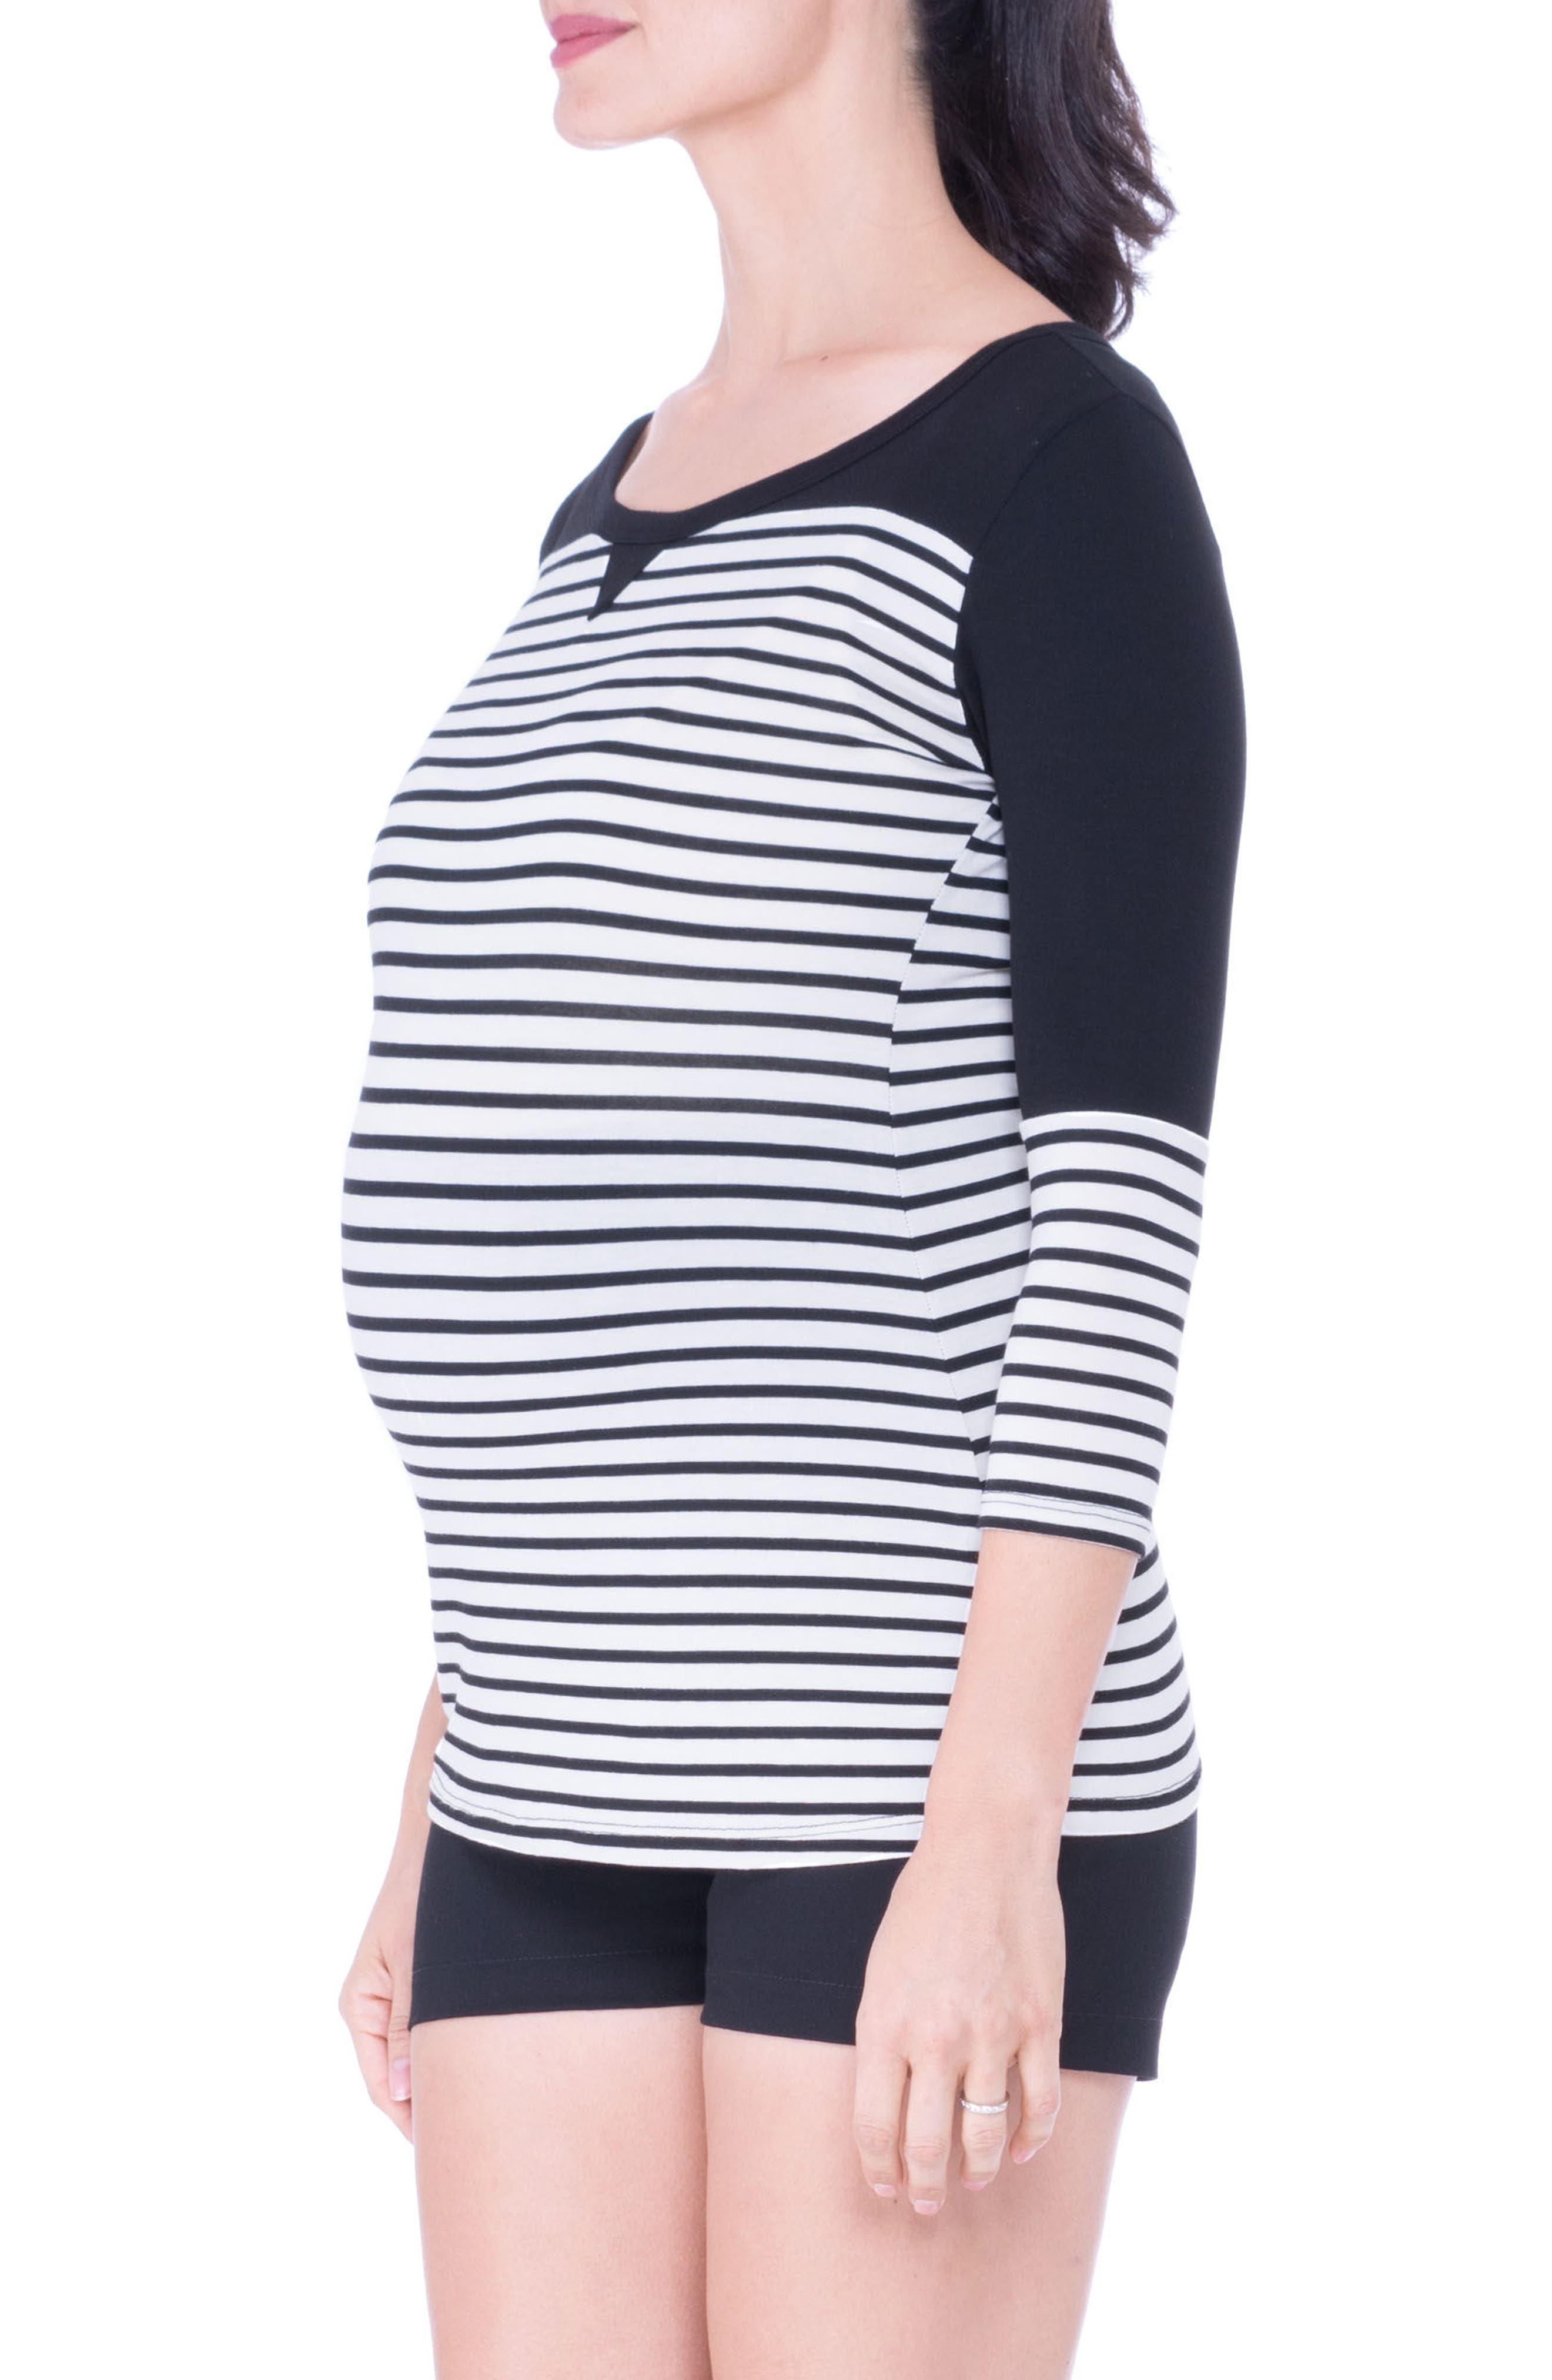 Stripe Maternity Tee,                             Main thumbnail 1, color,                             Black/ White